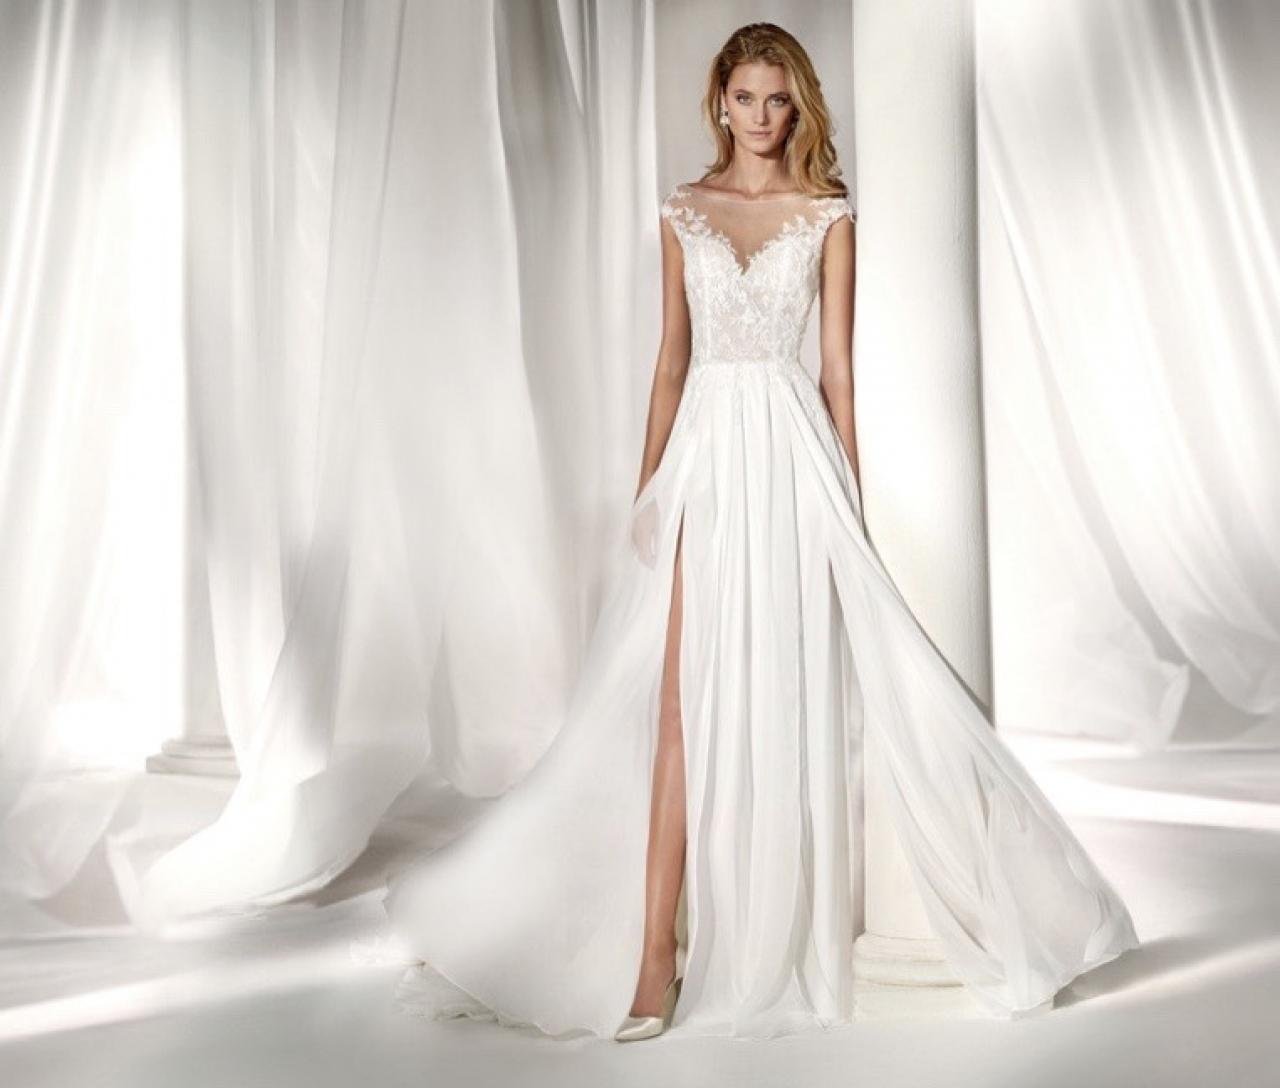 Ticinonline - Spose 2019  i consigli giusti per scegliere l abito perfetto! ee9bdb4a2e3